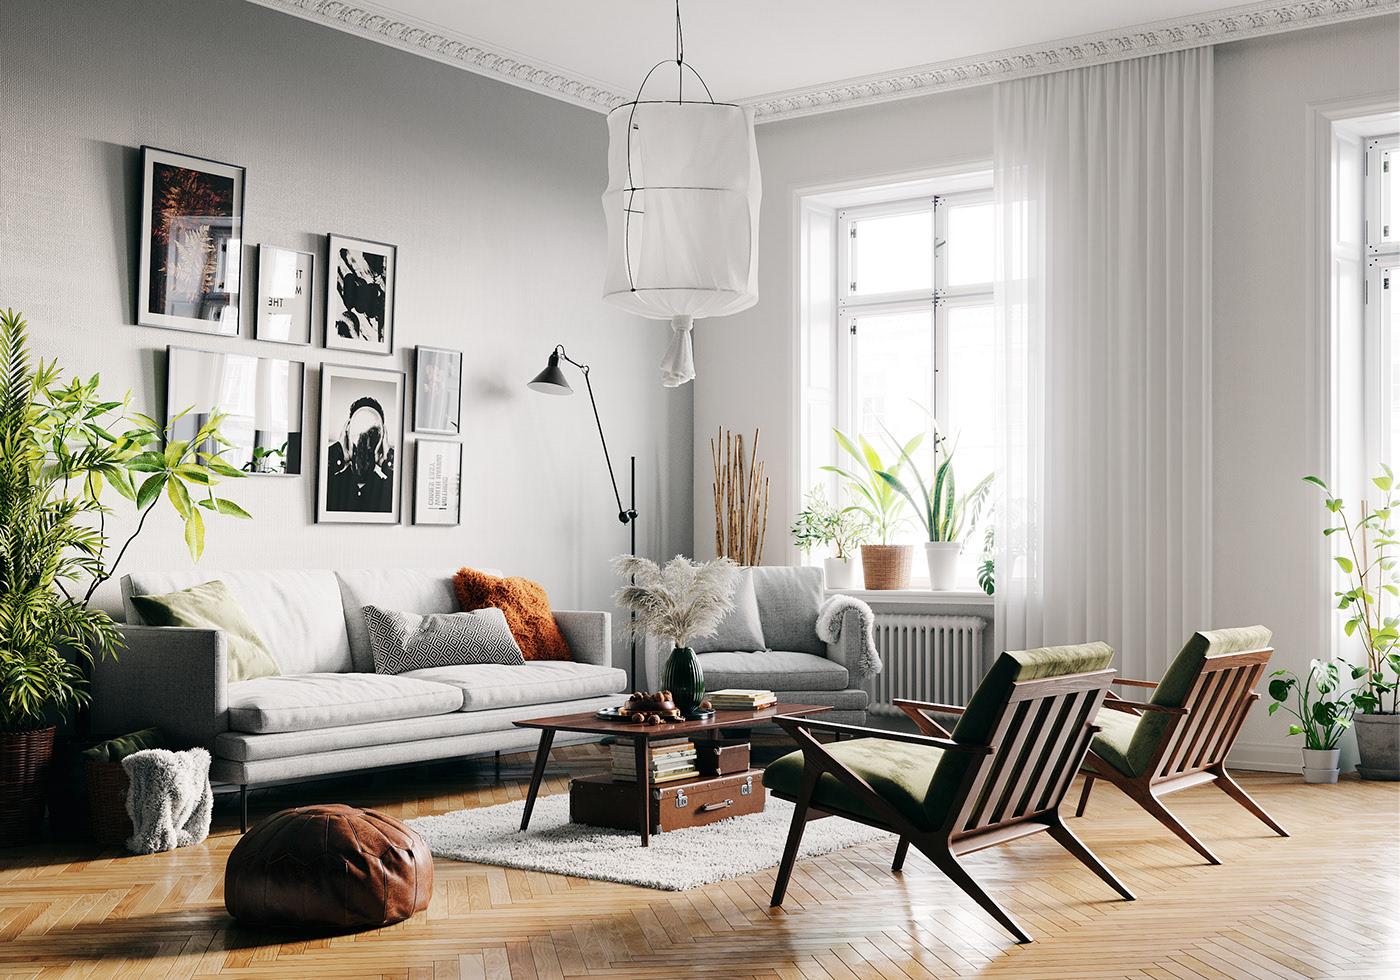 Phong cách Scandinavian với nhiều tiến trình phát triển